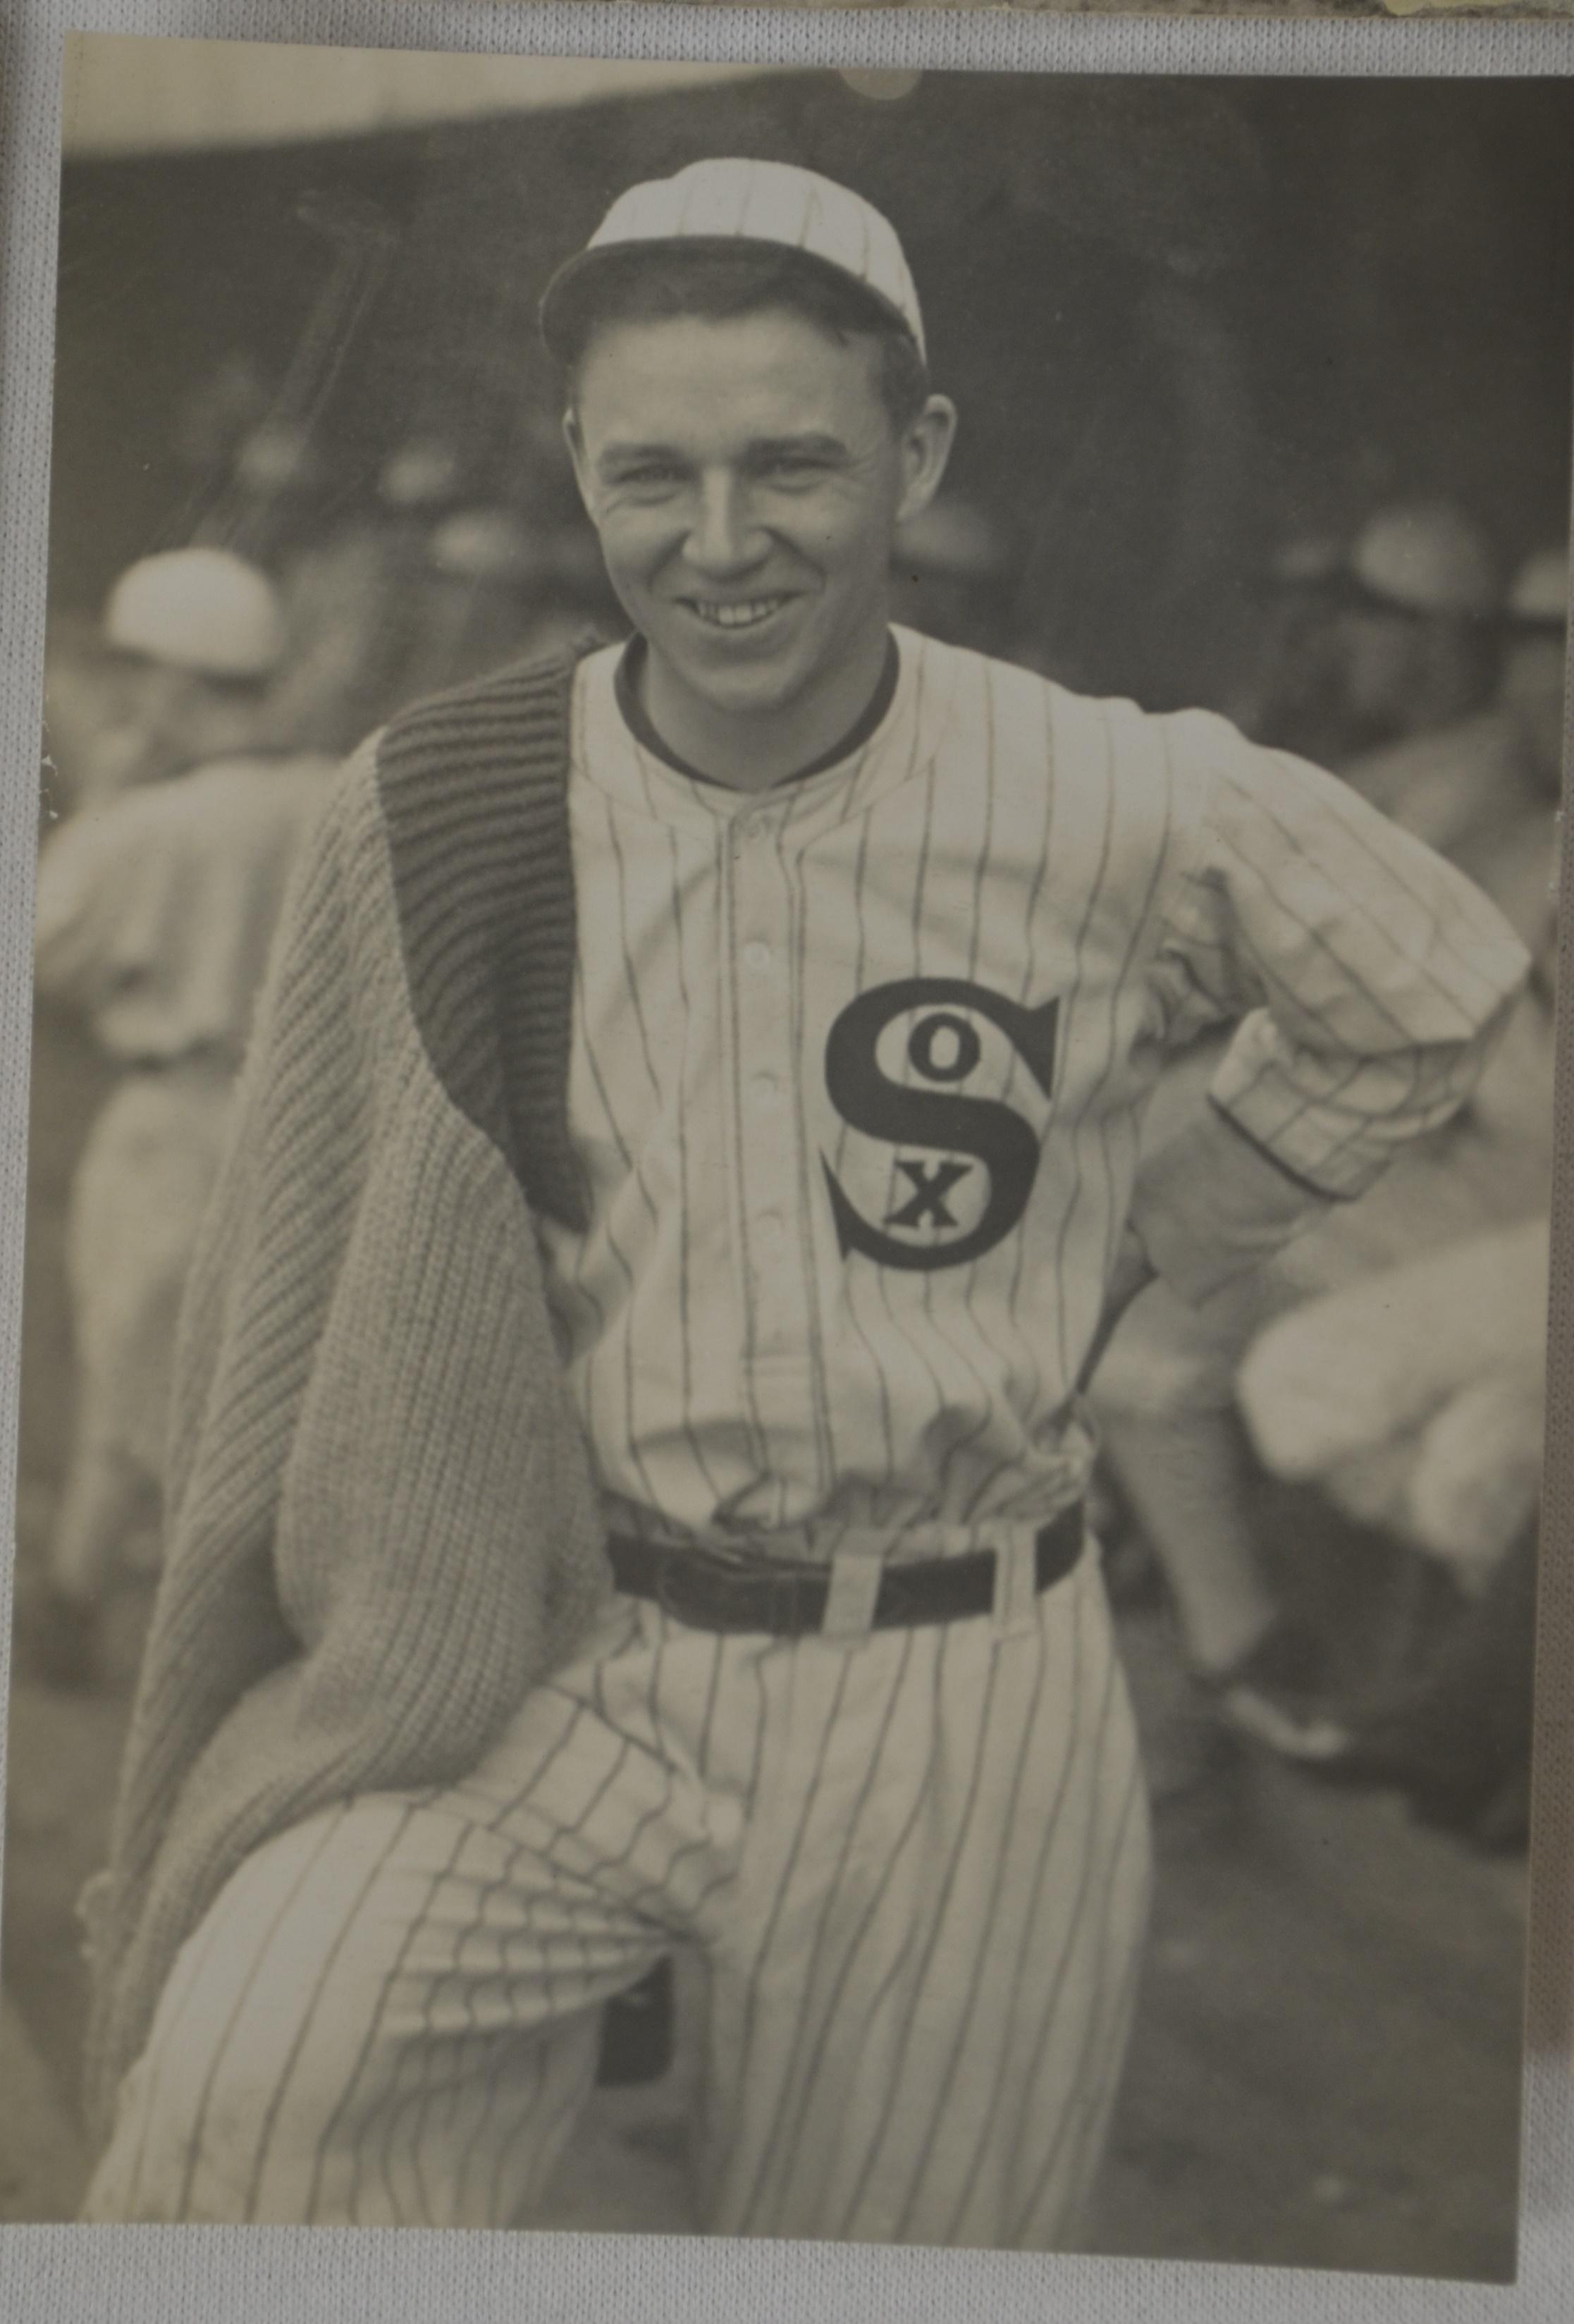 lot detail ray schalk c original chicago black sox 1919 original chicago black sox photograph